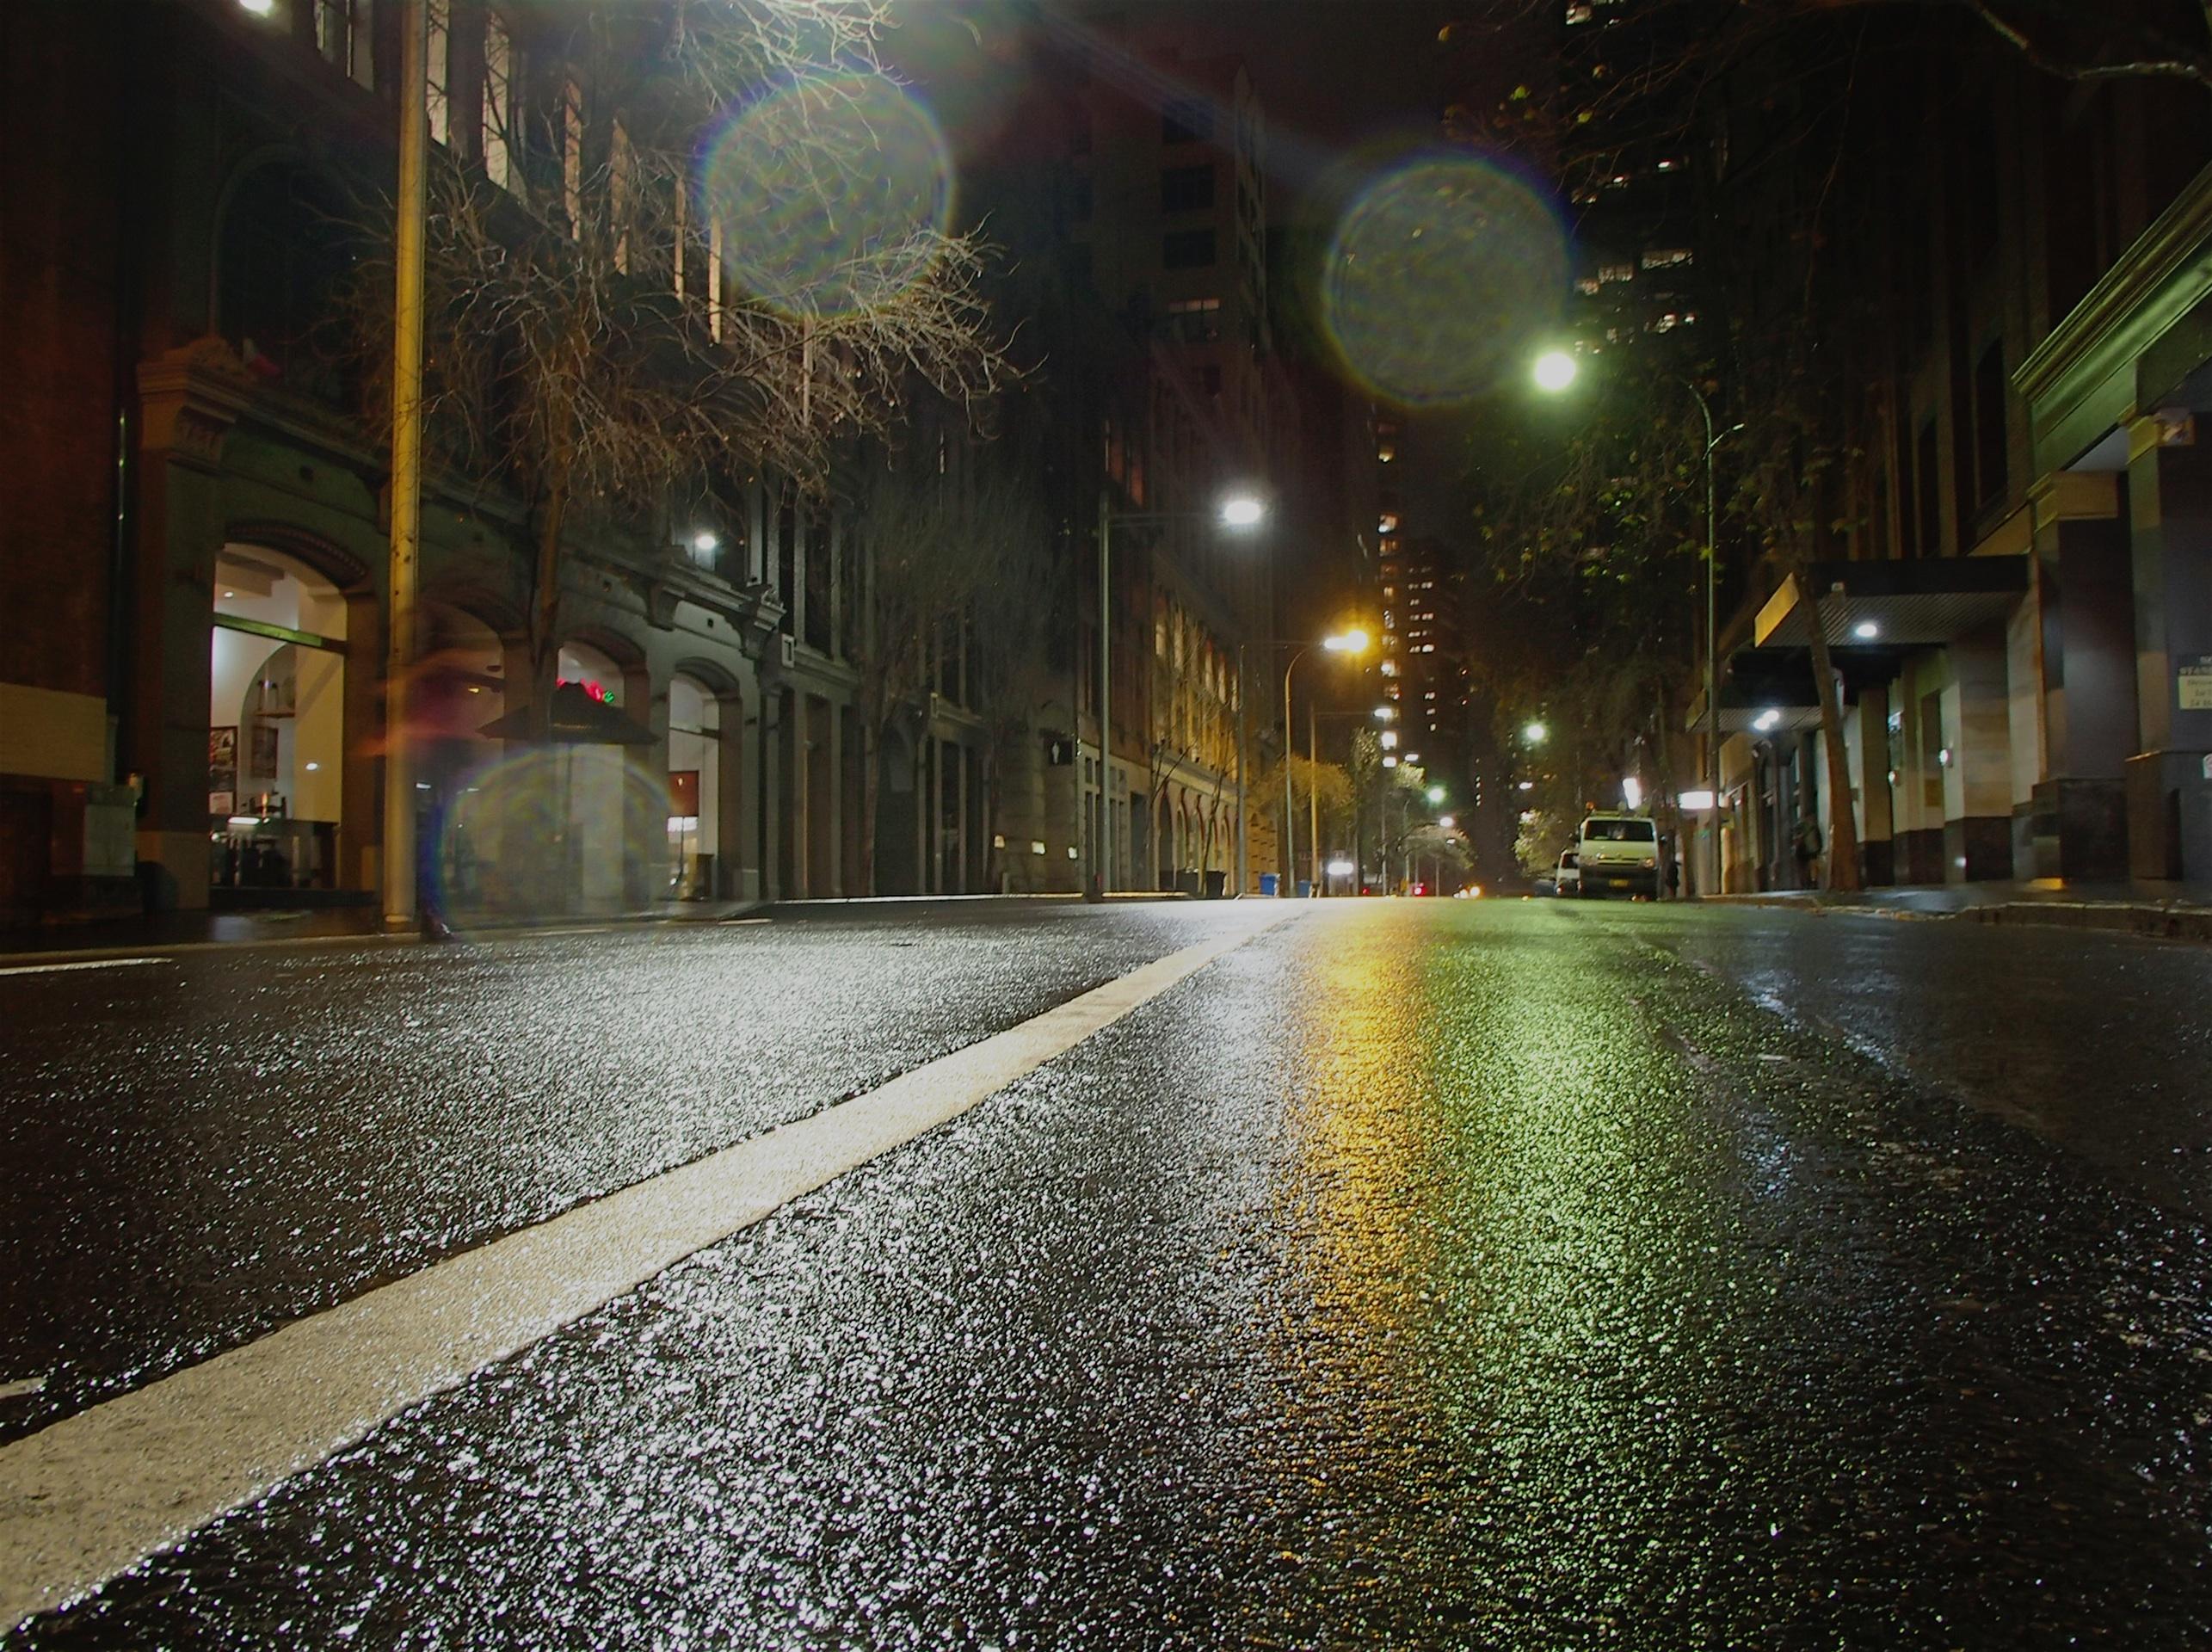 обычай символизирует картинки дождливой улицы ночью угловых бань